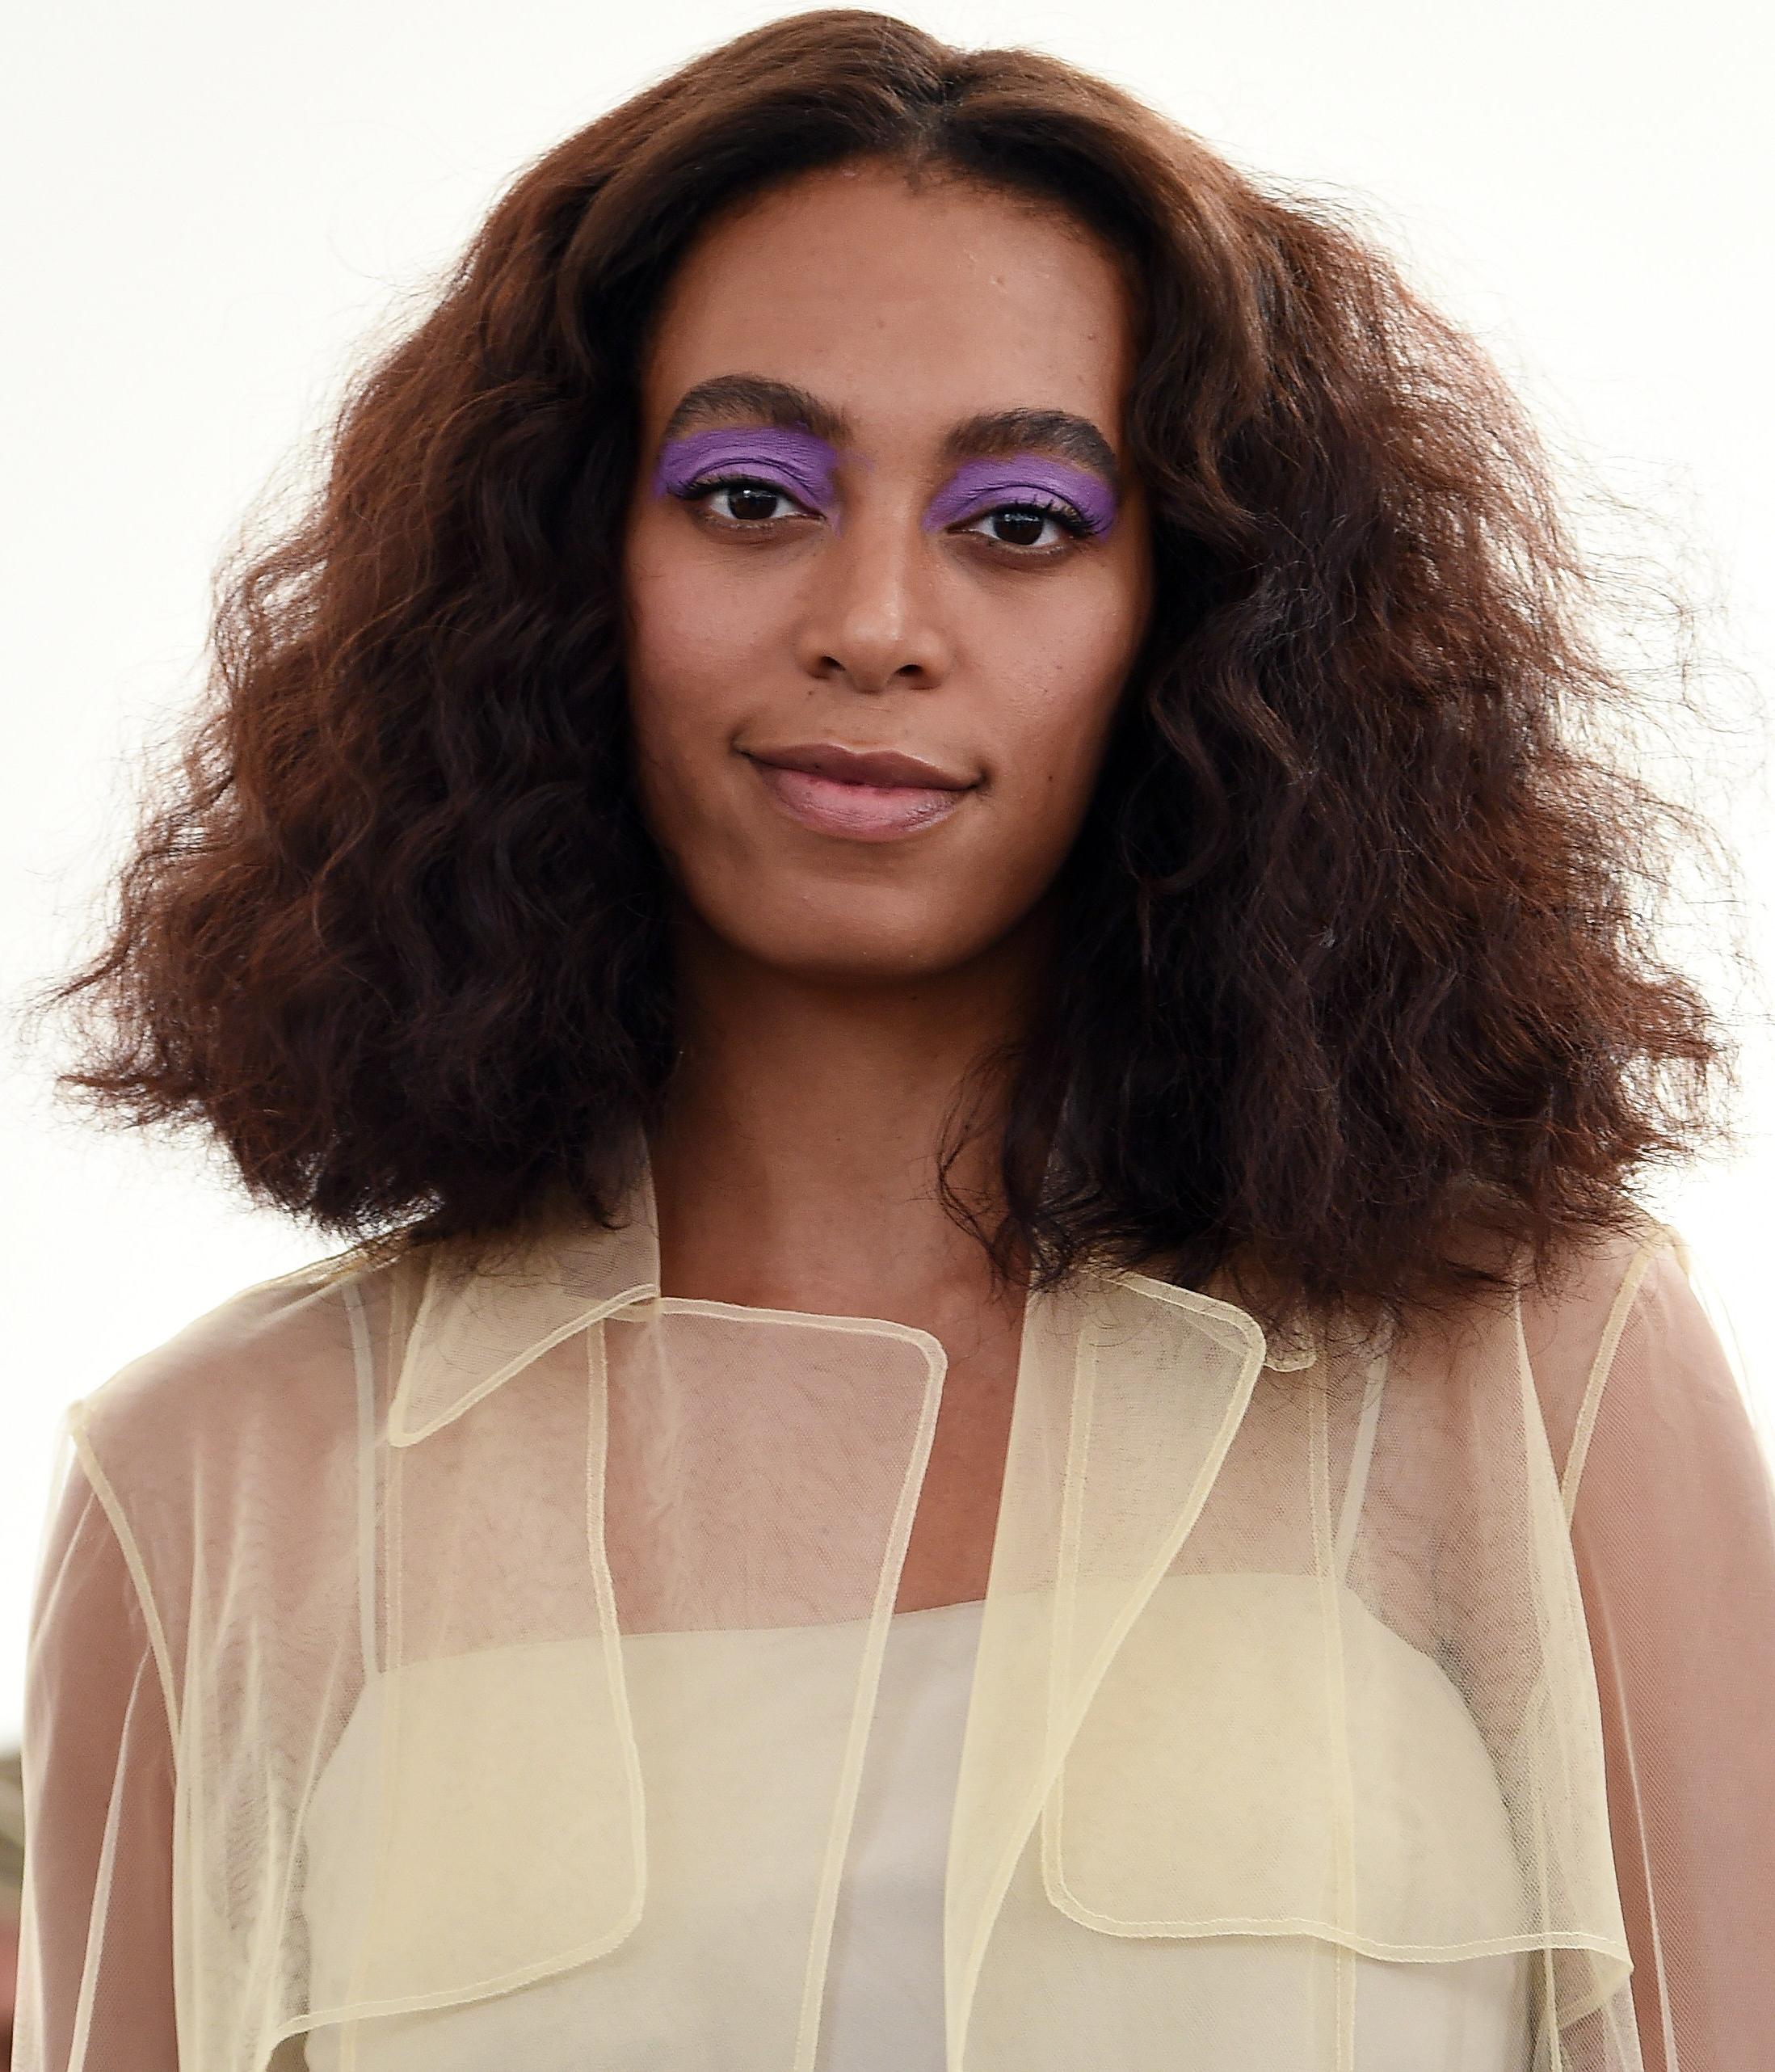 2017 Kristin Cavallari Medium Haircuts Regarding 37 Chicest Lob Haircuts For 2018 – Glamour (View 1 of 20)